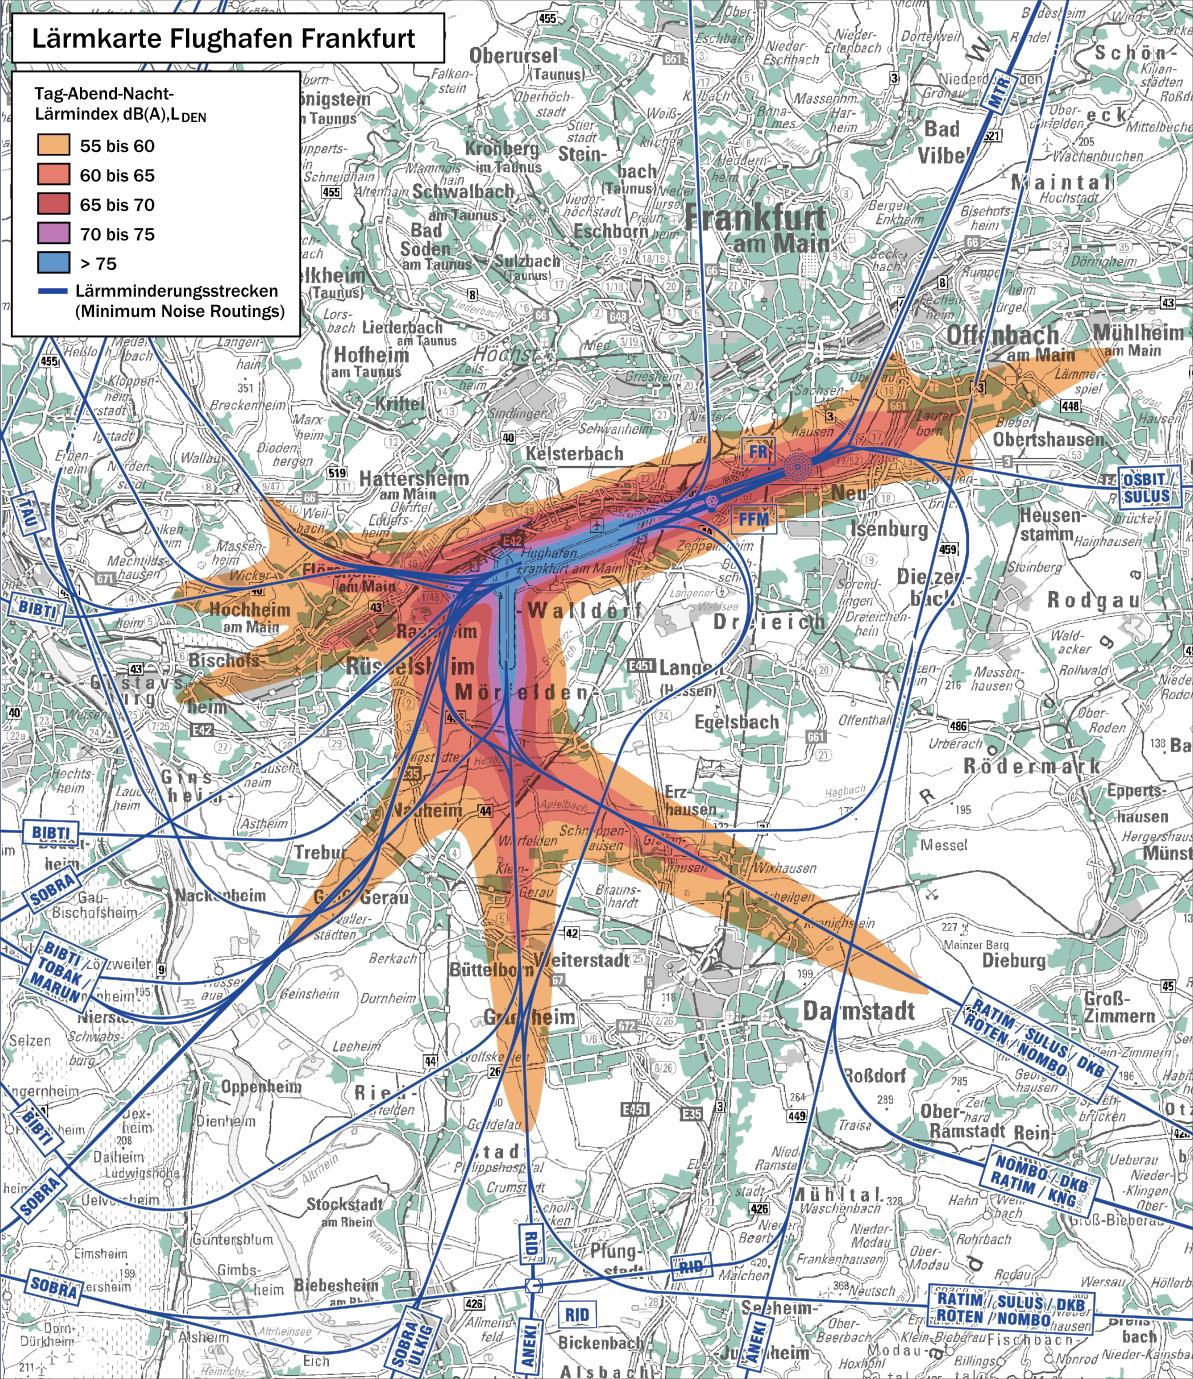 Flugrouten Karte Weltweit Lufthansa.Flughafen Frankfurt Am Main Wikipedia